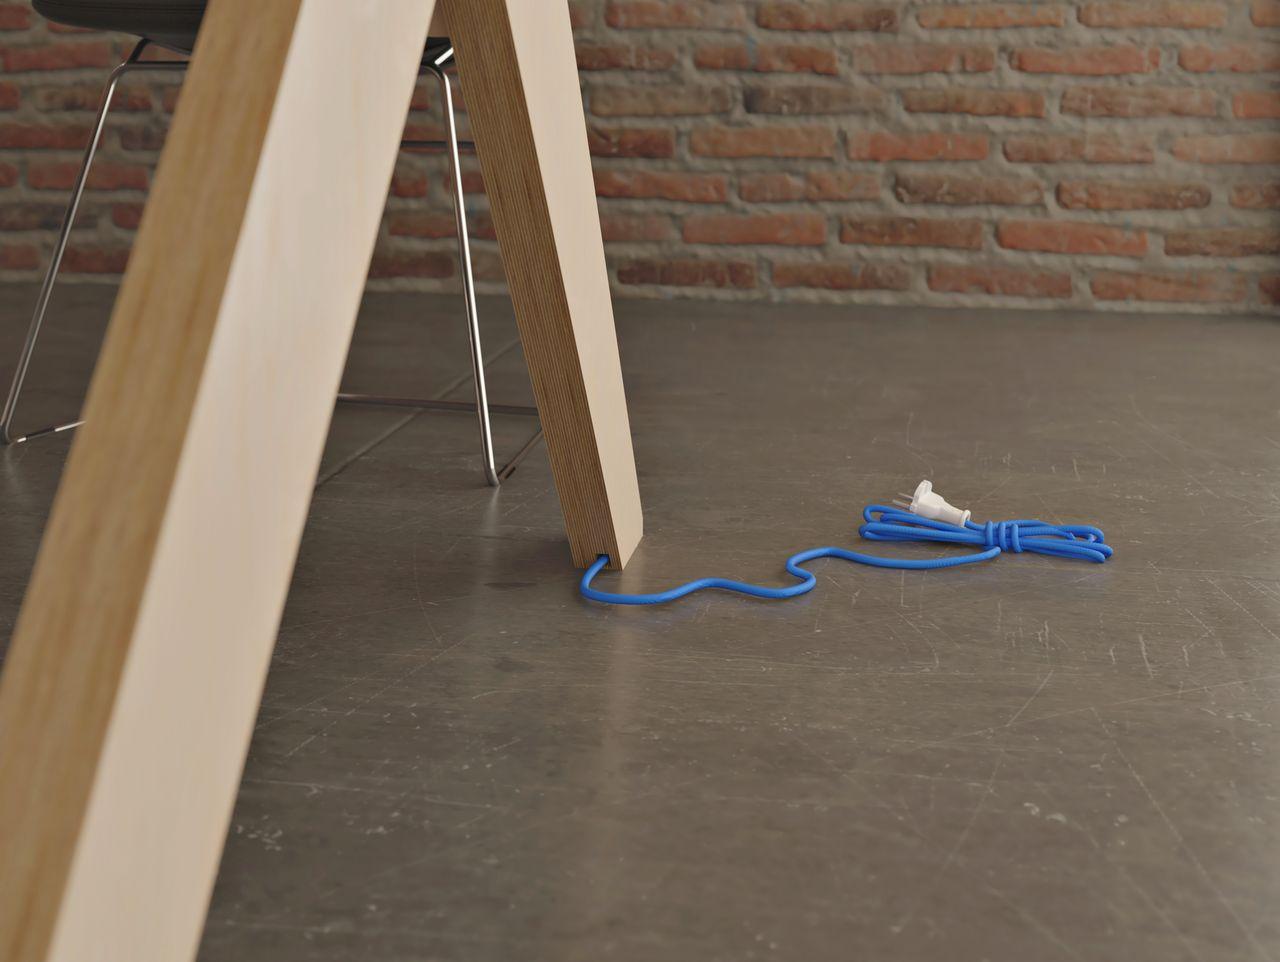 Table de réunion en bois avec une électrification intégrée et le fil électrique qui ressort du pied de la table